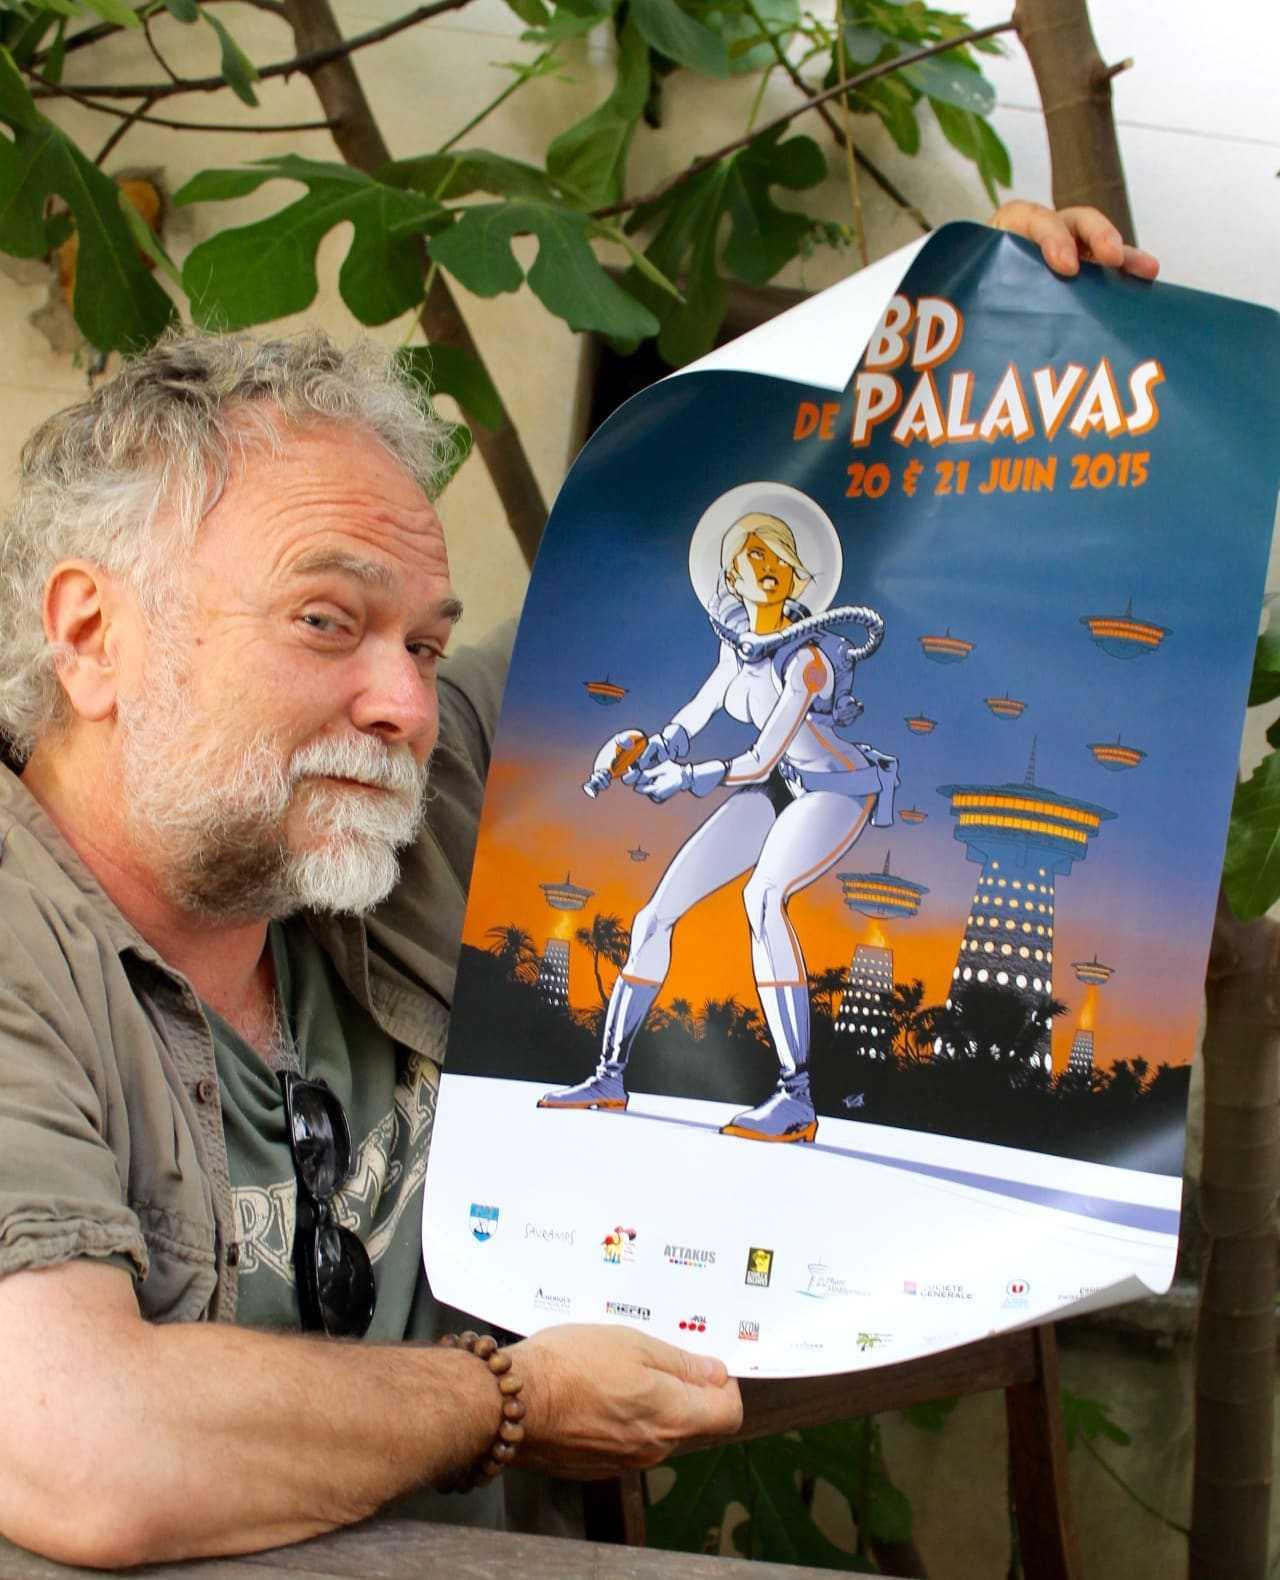 Les 20 et 21 juin, Olivier Vatine préside le festival de Palavas et présente le projet Infinity avec Lewis Trondheim